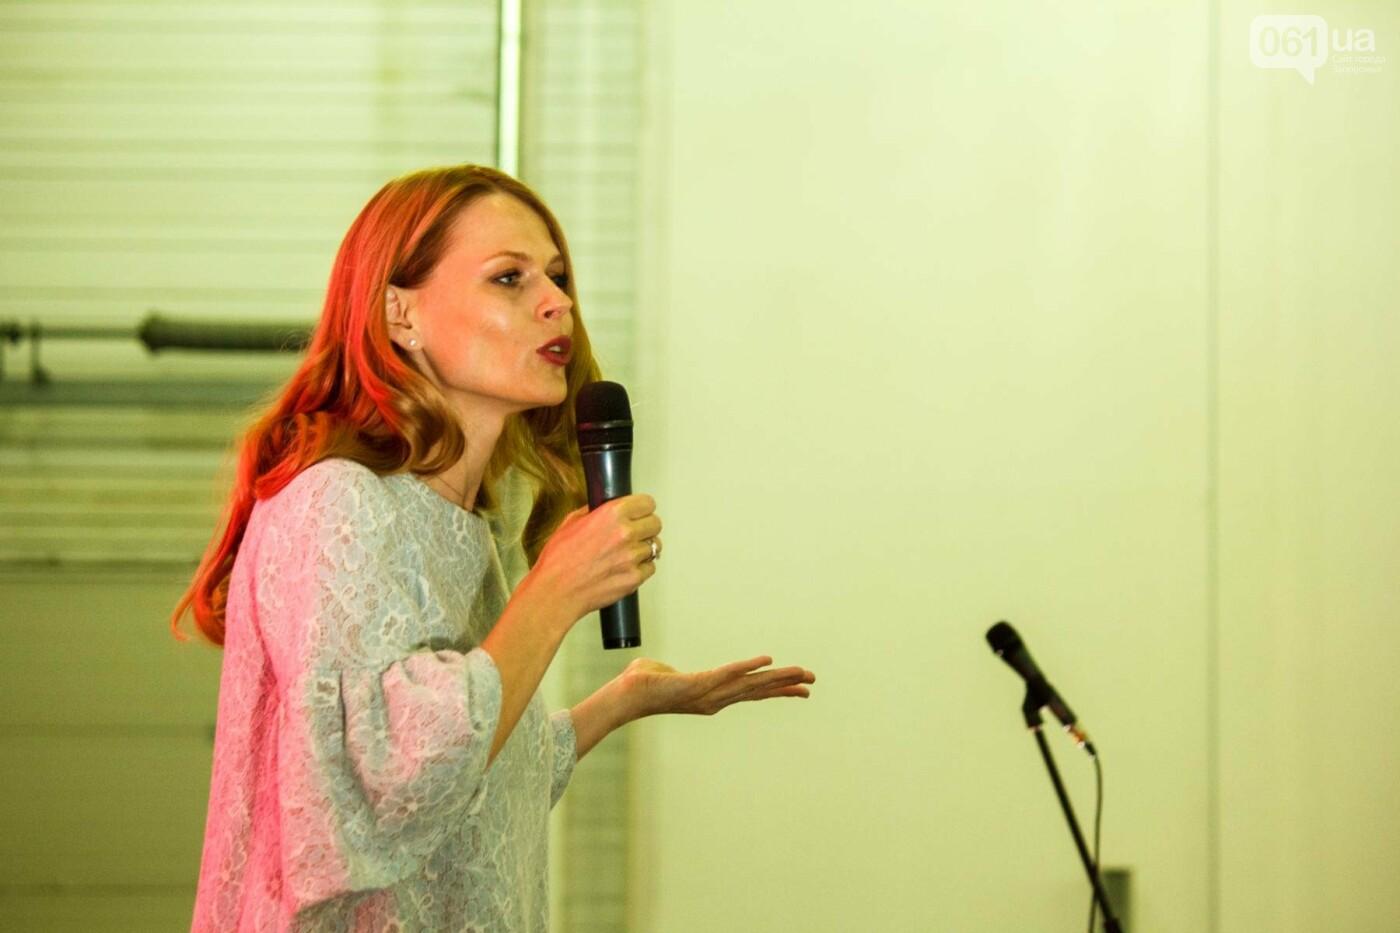 Запорожский Туристический Форум посетила телеведущая Ольга Фреймут, - ФОТОРЕПОРТАЖ, фото-3